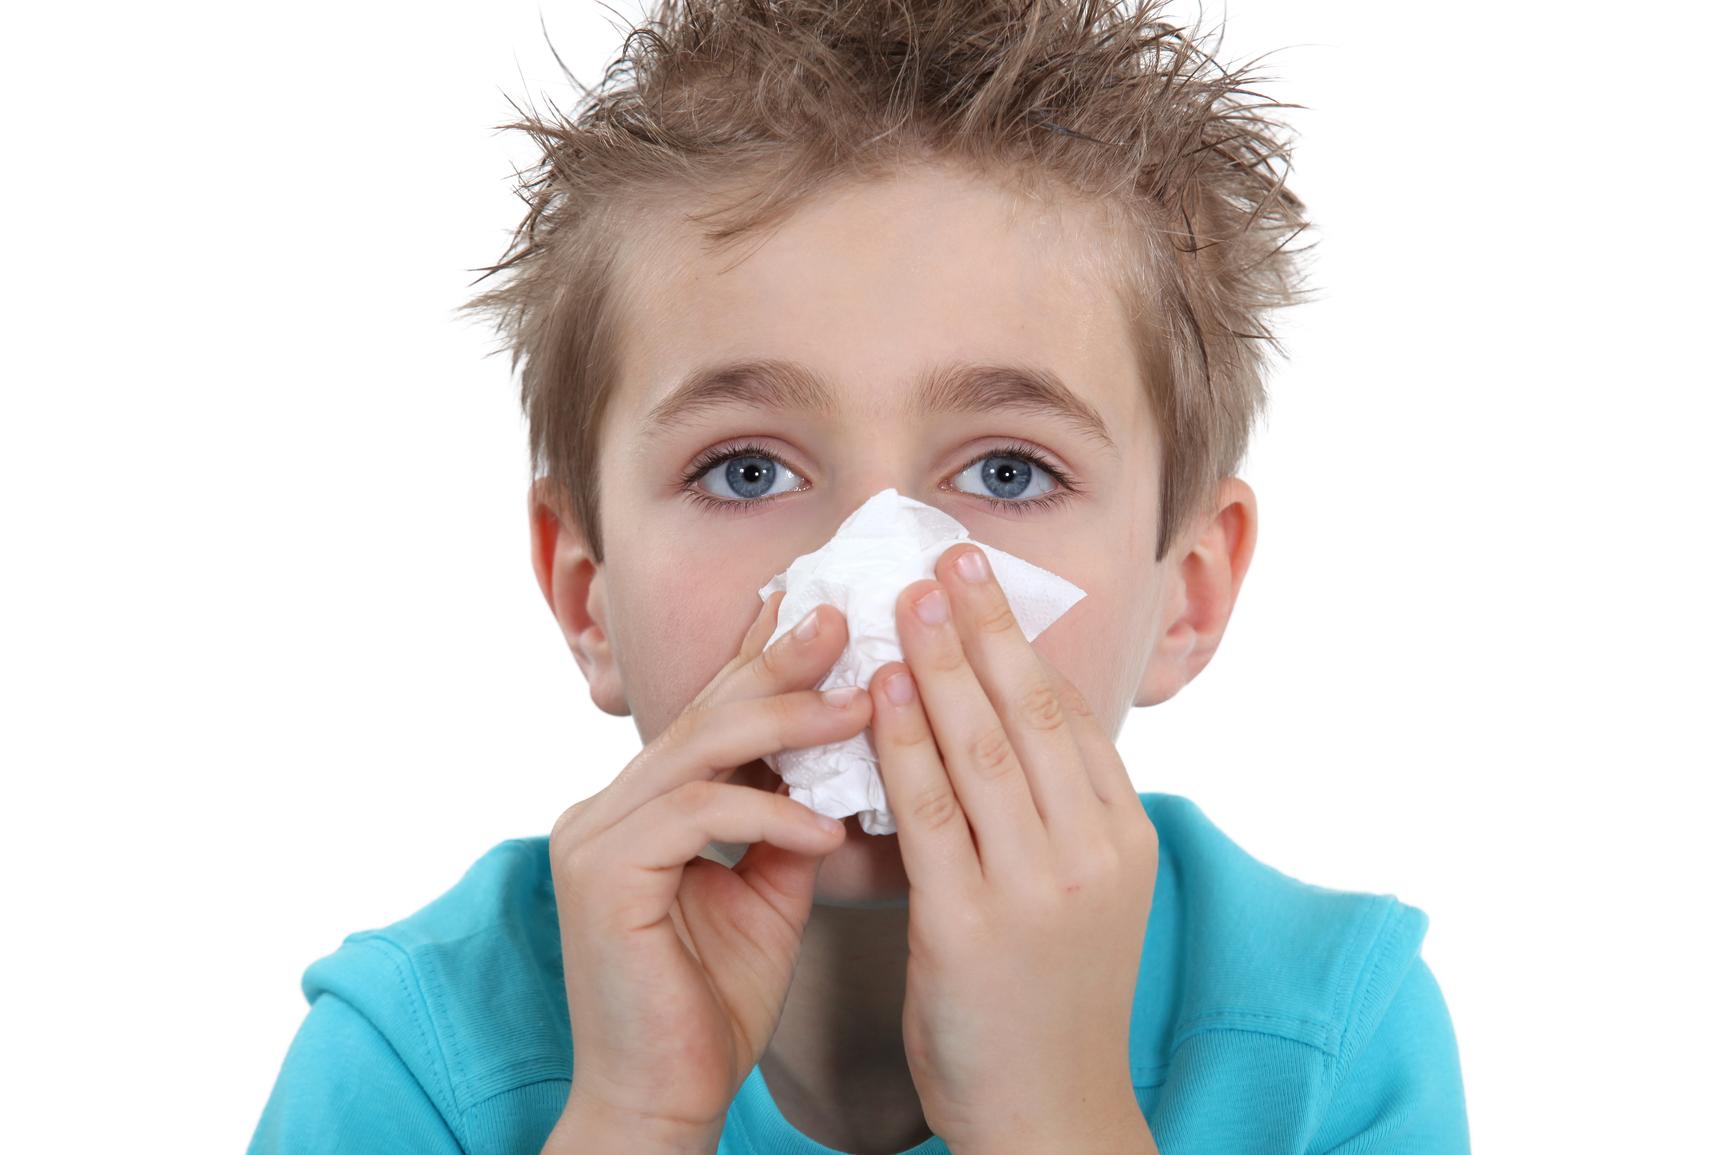 Как правильно промывать нос ребенку картинки